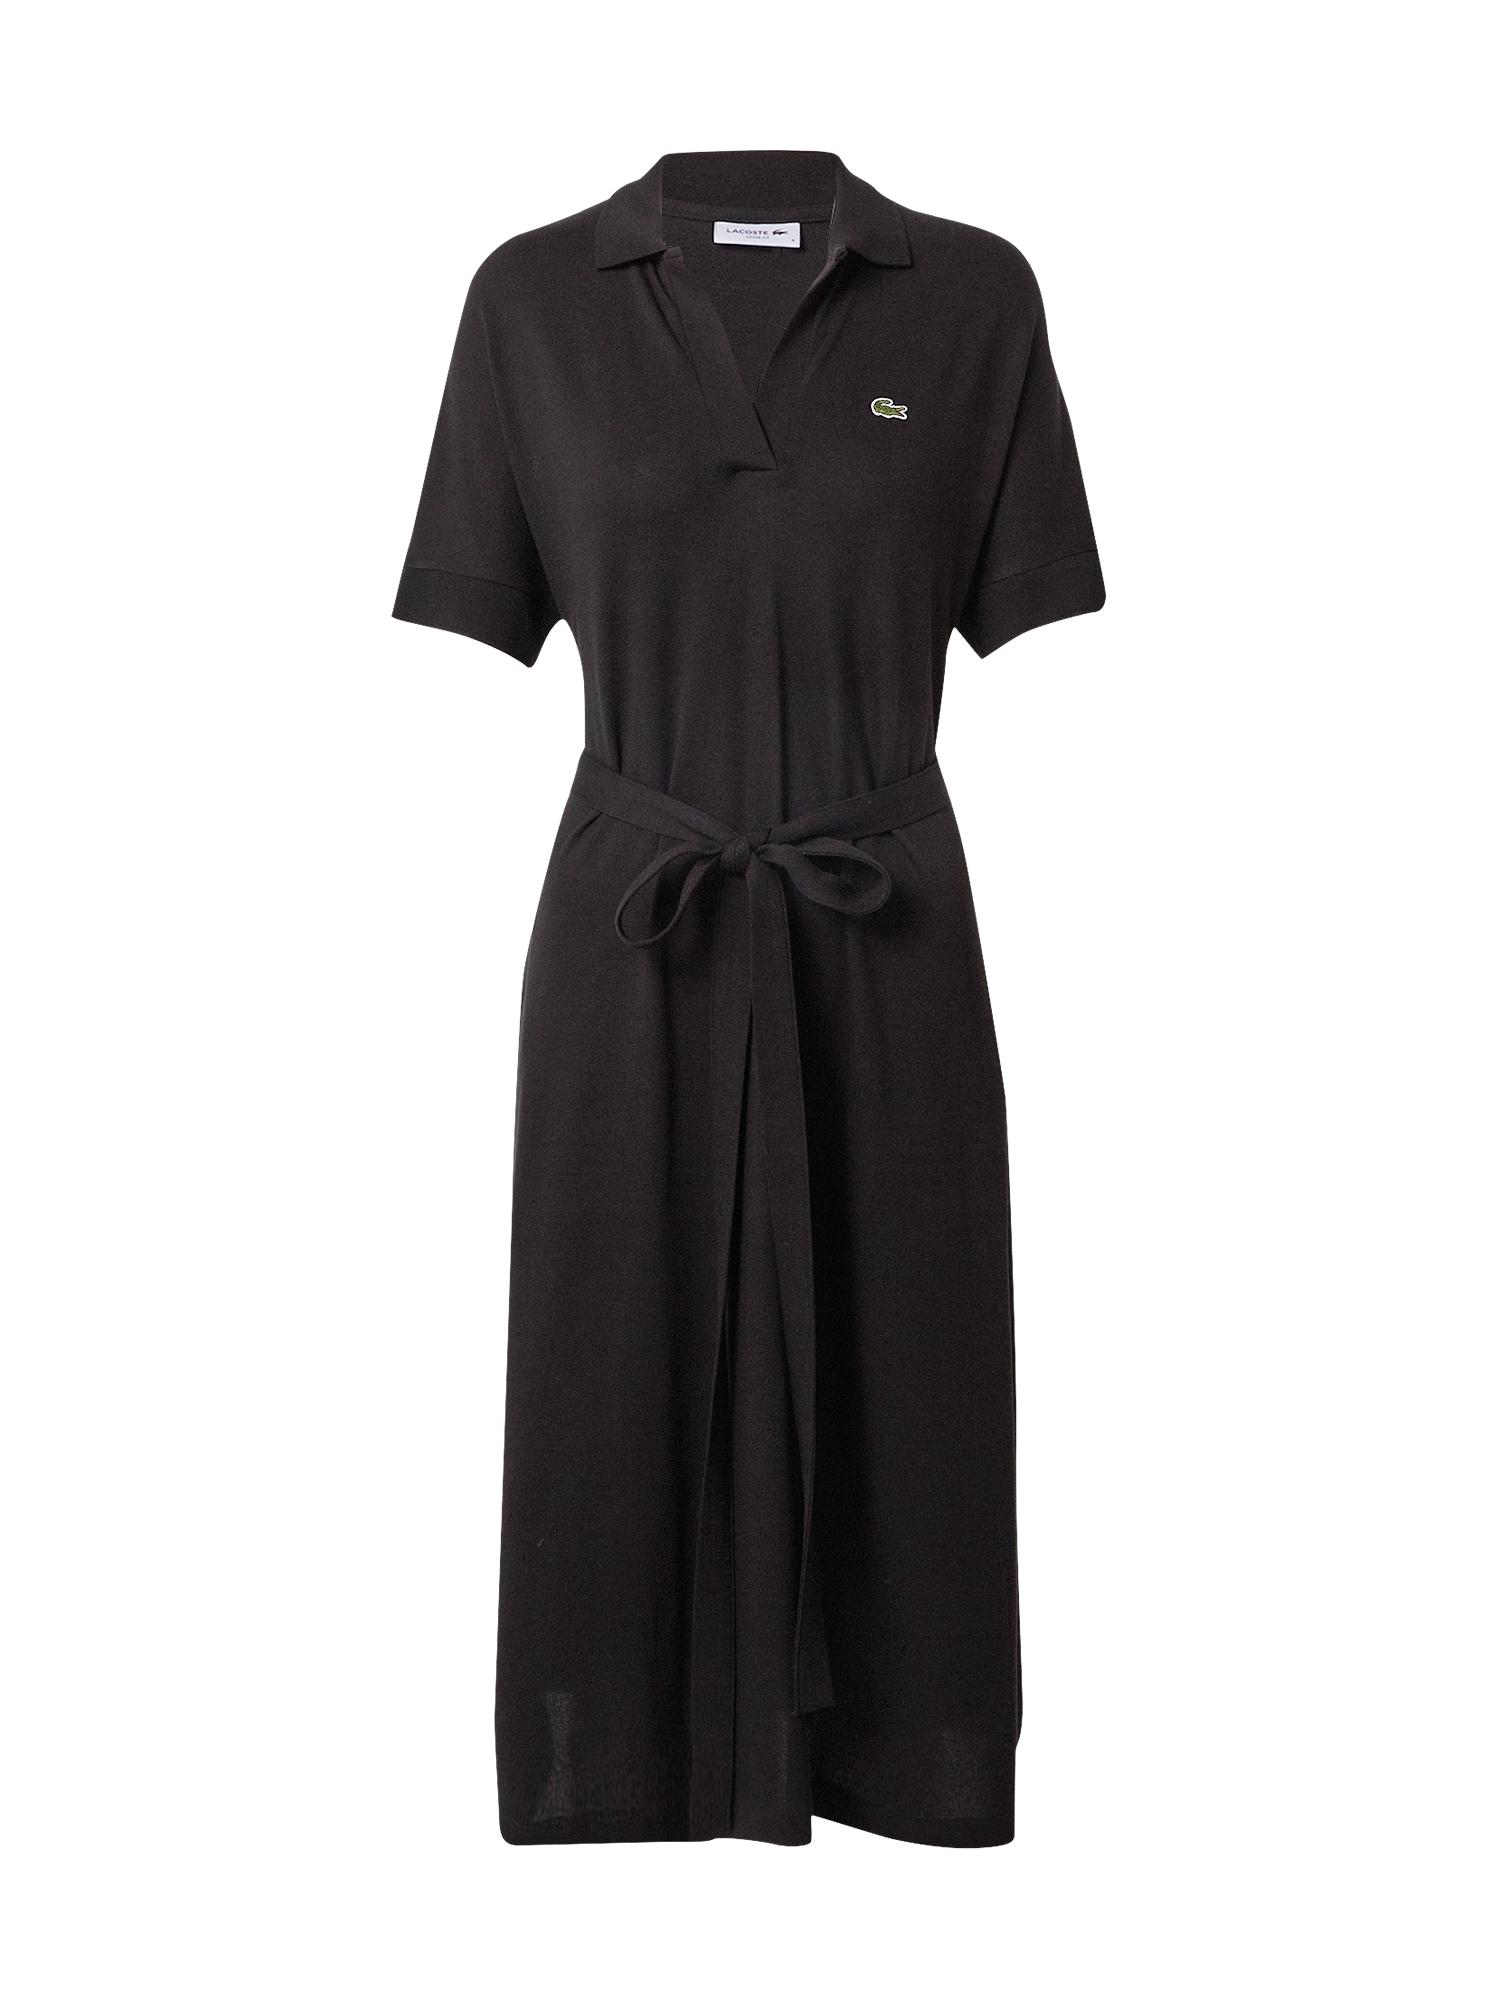 LACOSTE Palaidinės tipo suknelė juoda